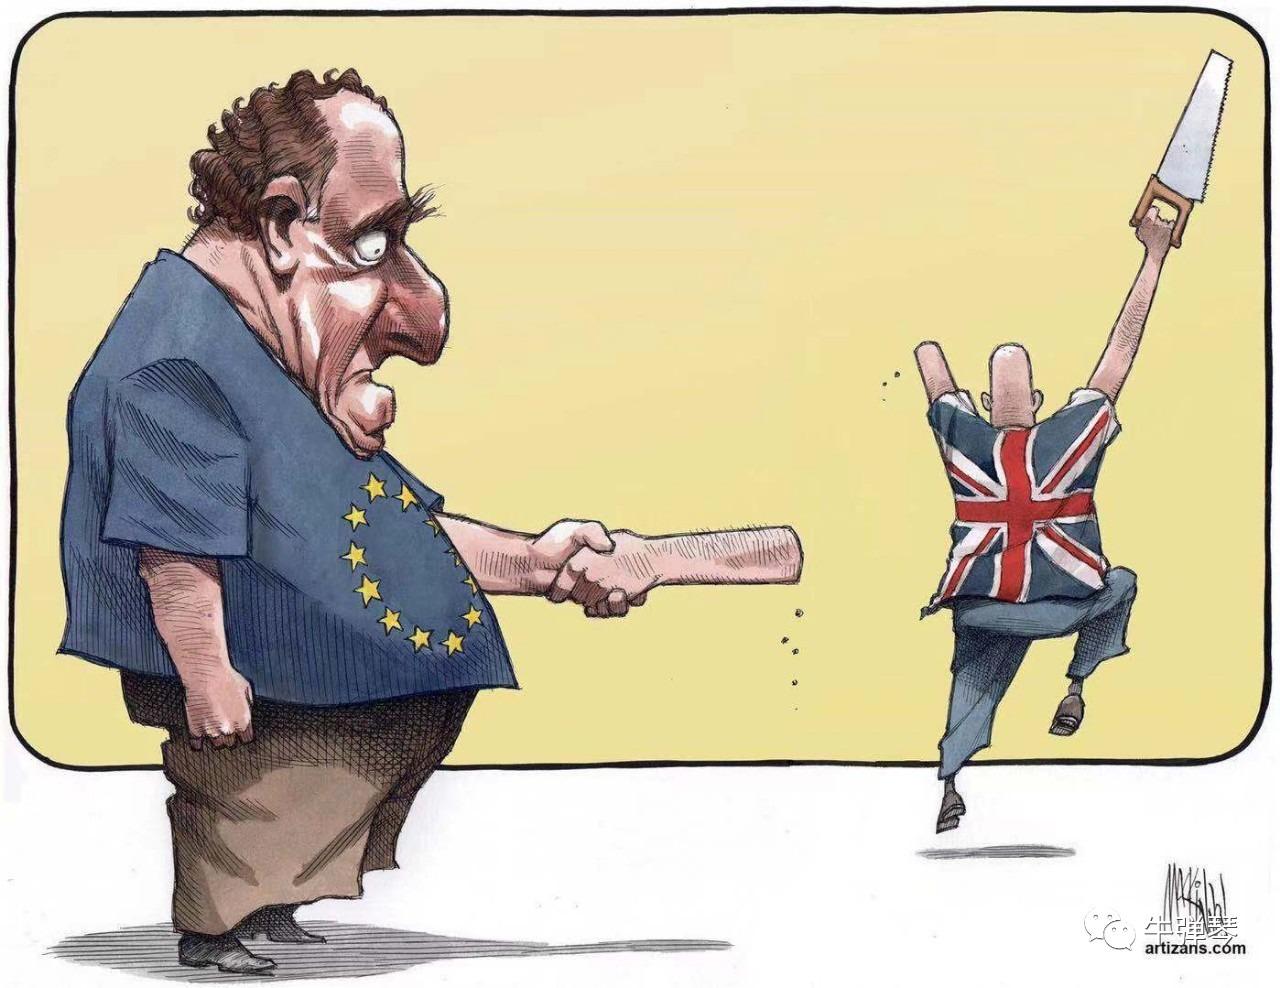 牛弹琴:这个周末 英国彻底乱套了